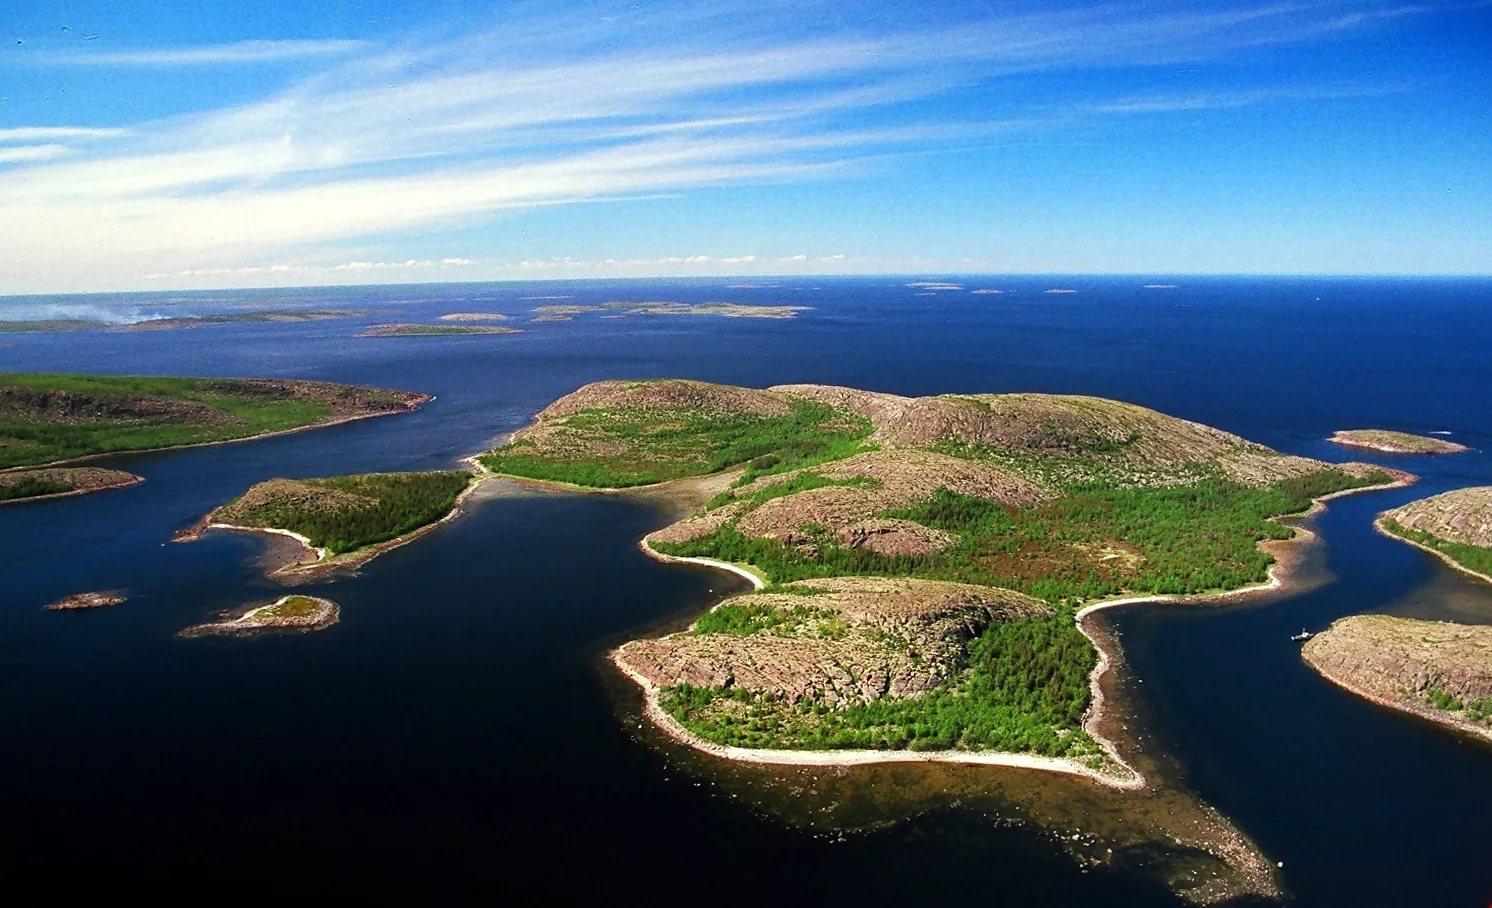 Кузовецкий архипелаг (Кемь)